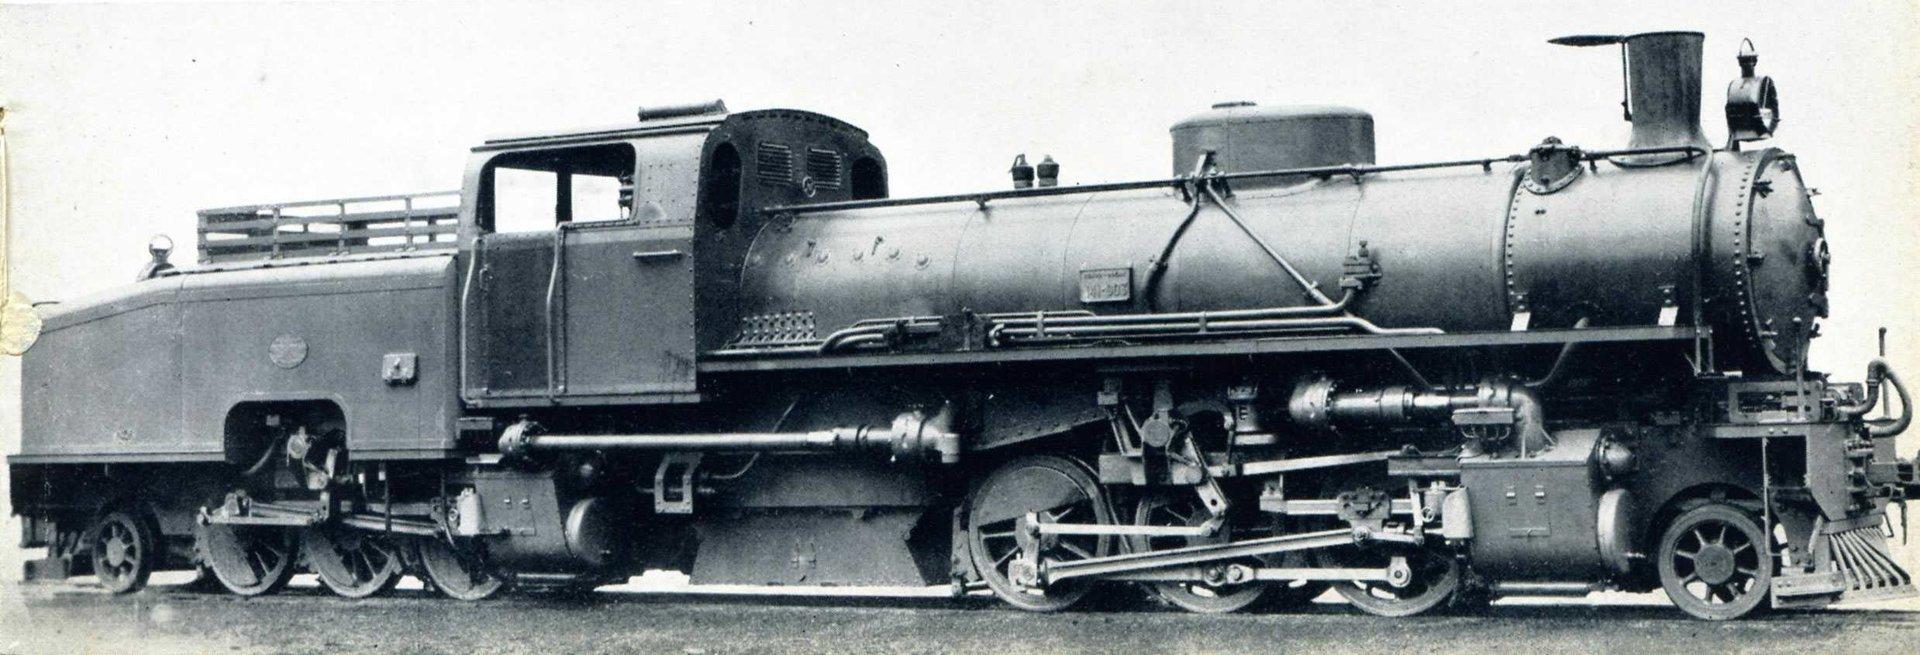 Planche-2.jpg